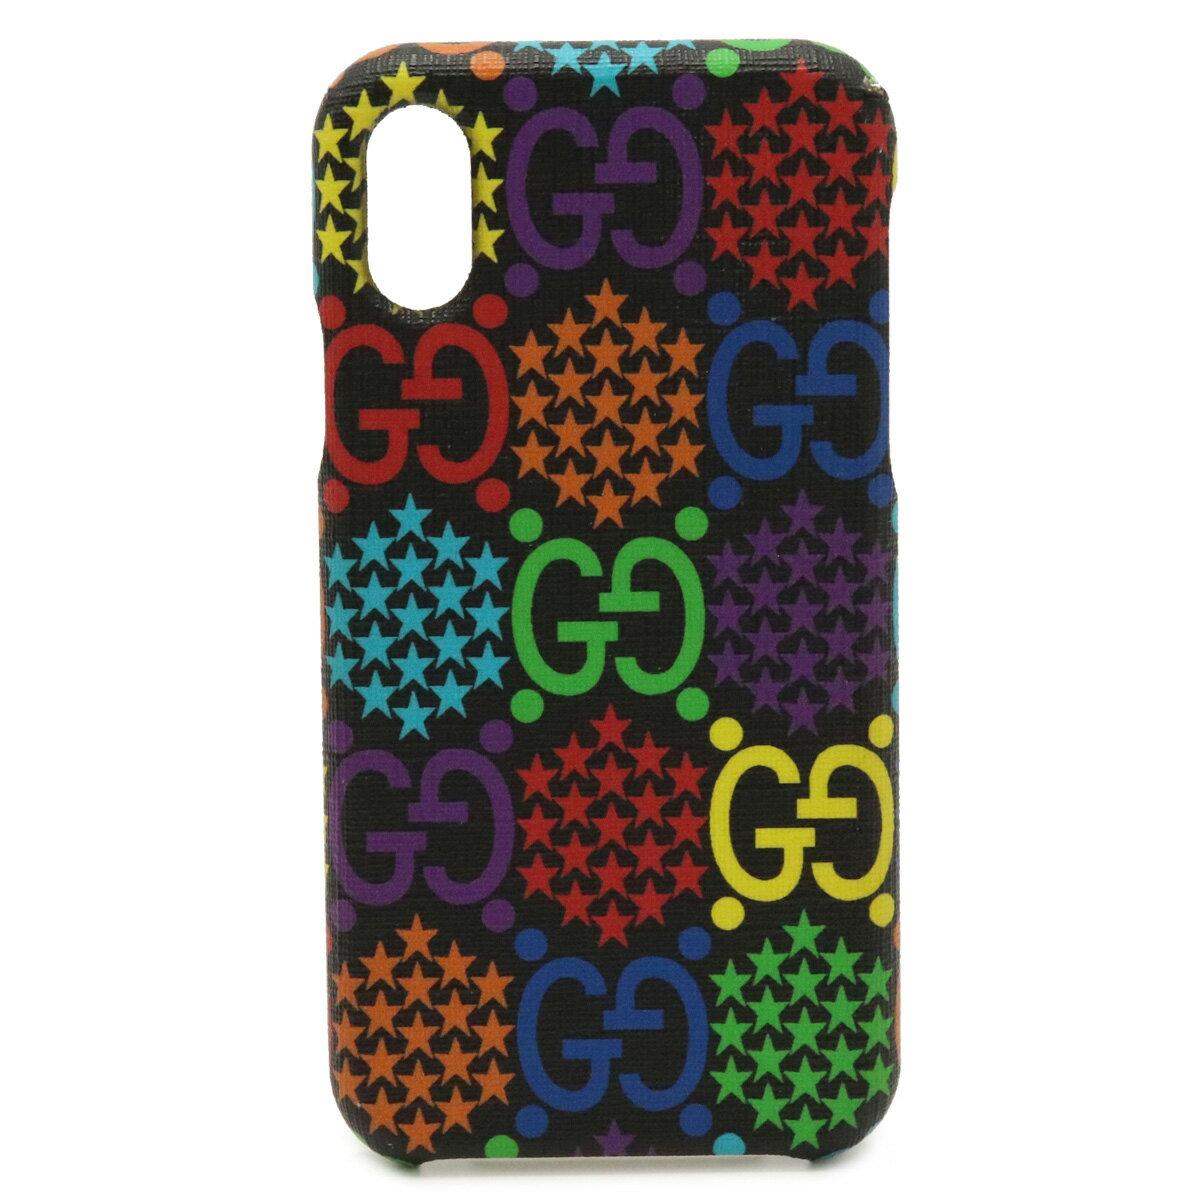 スマートフォン・携帯電話アクセサリー, ケース・カバー GUCCI GG iPhone iPhoneX XS PVC 603758